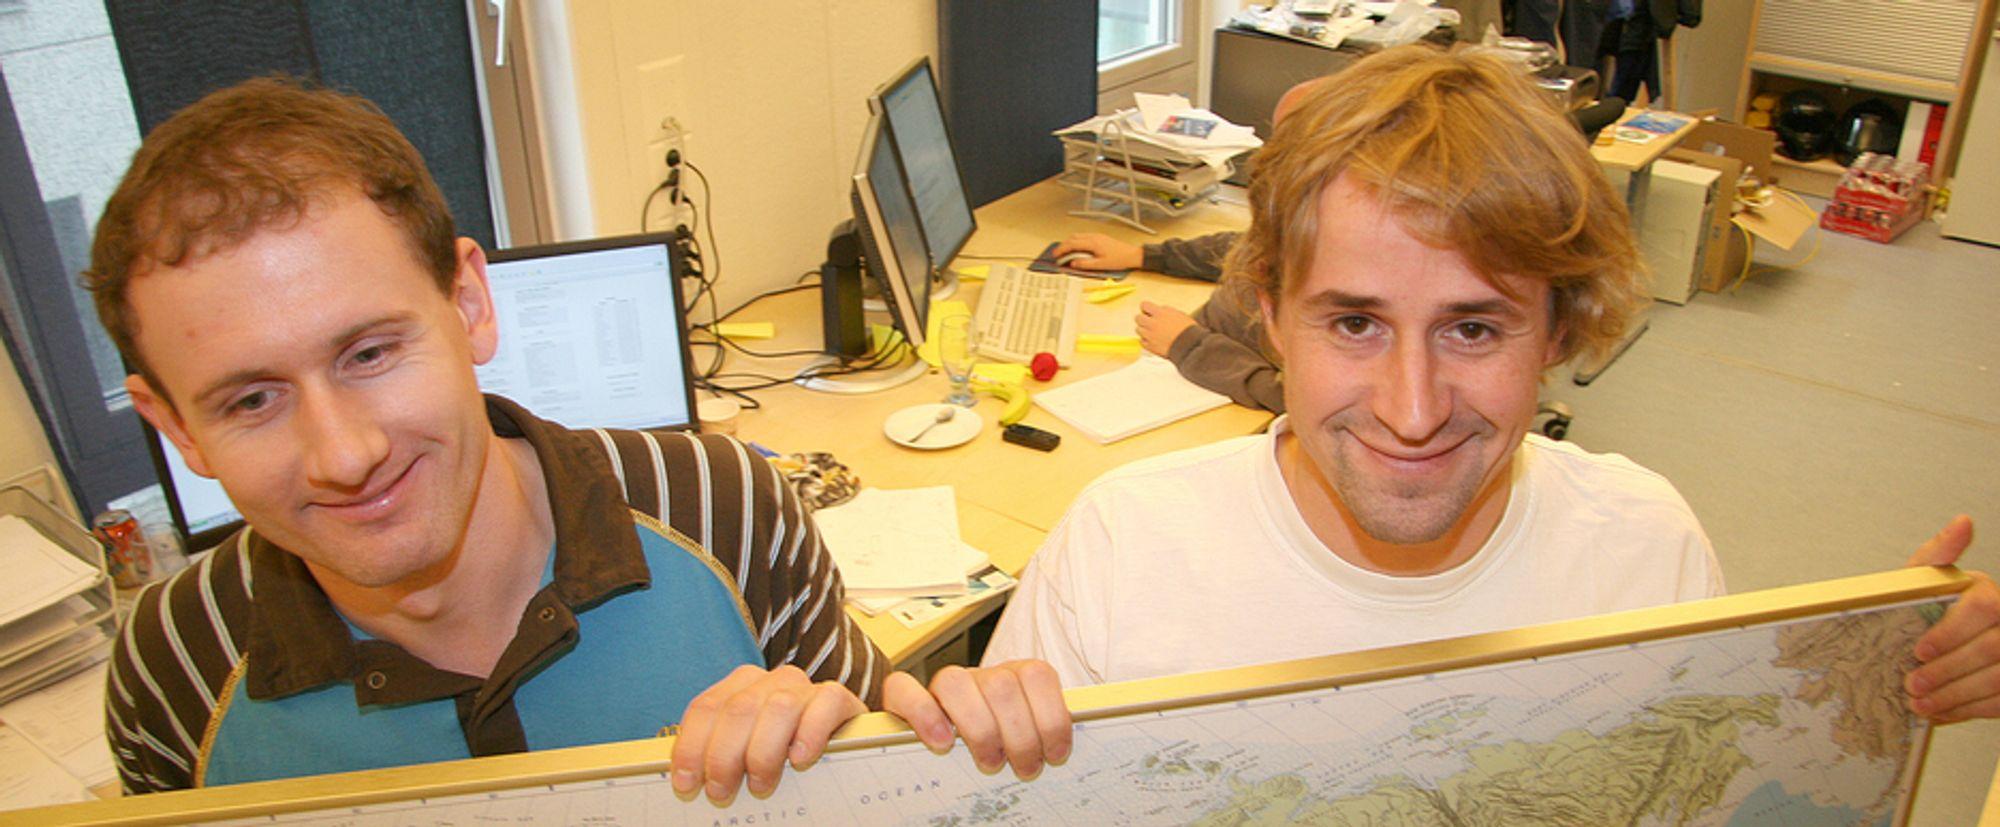 Verden under seg. Gründerne Petter Fornæss og Ivar Arnesen fant sin business-engel. Nå er de i ferd med å erobre verden.